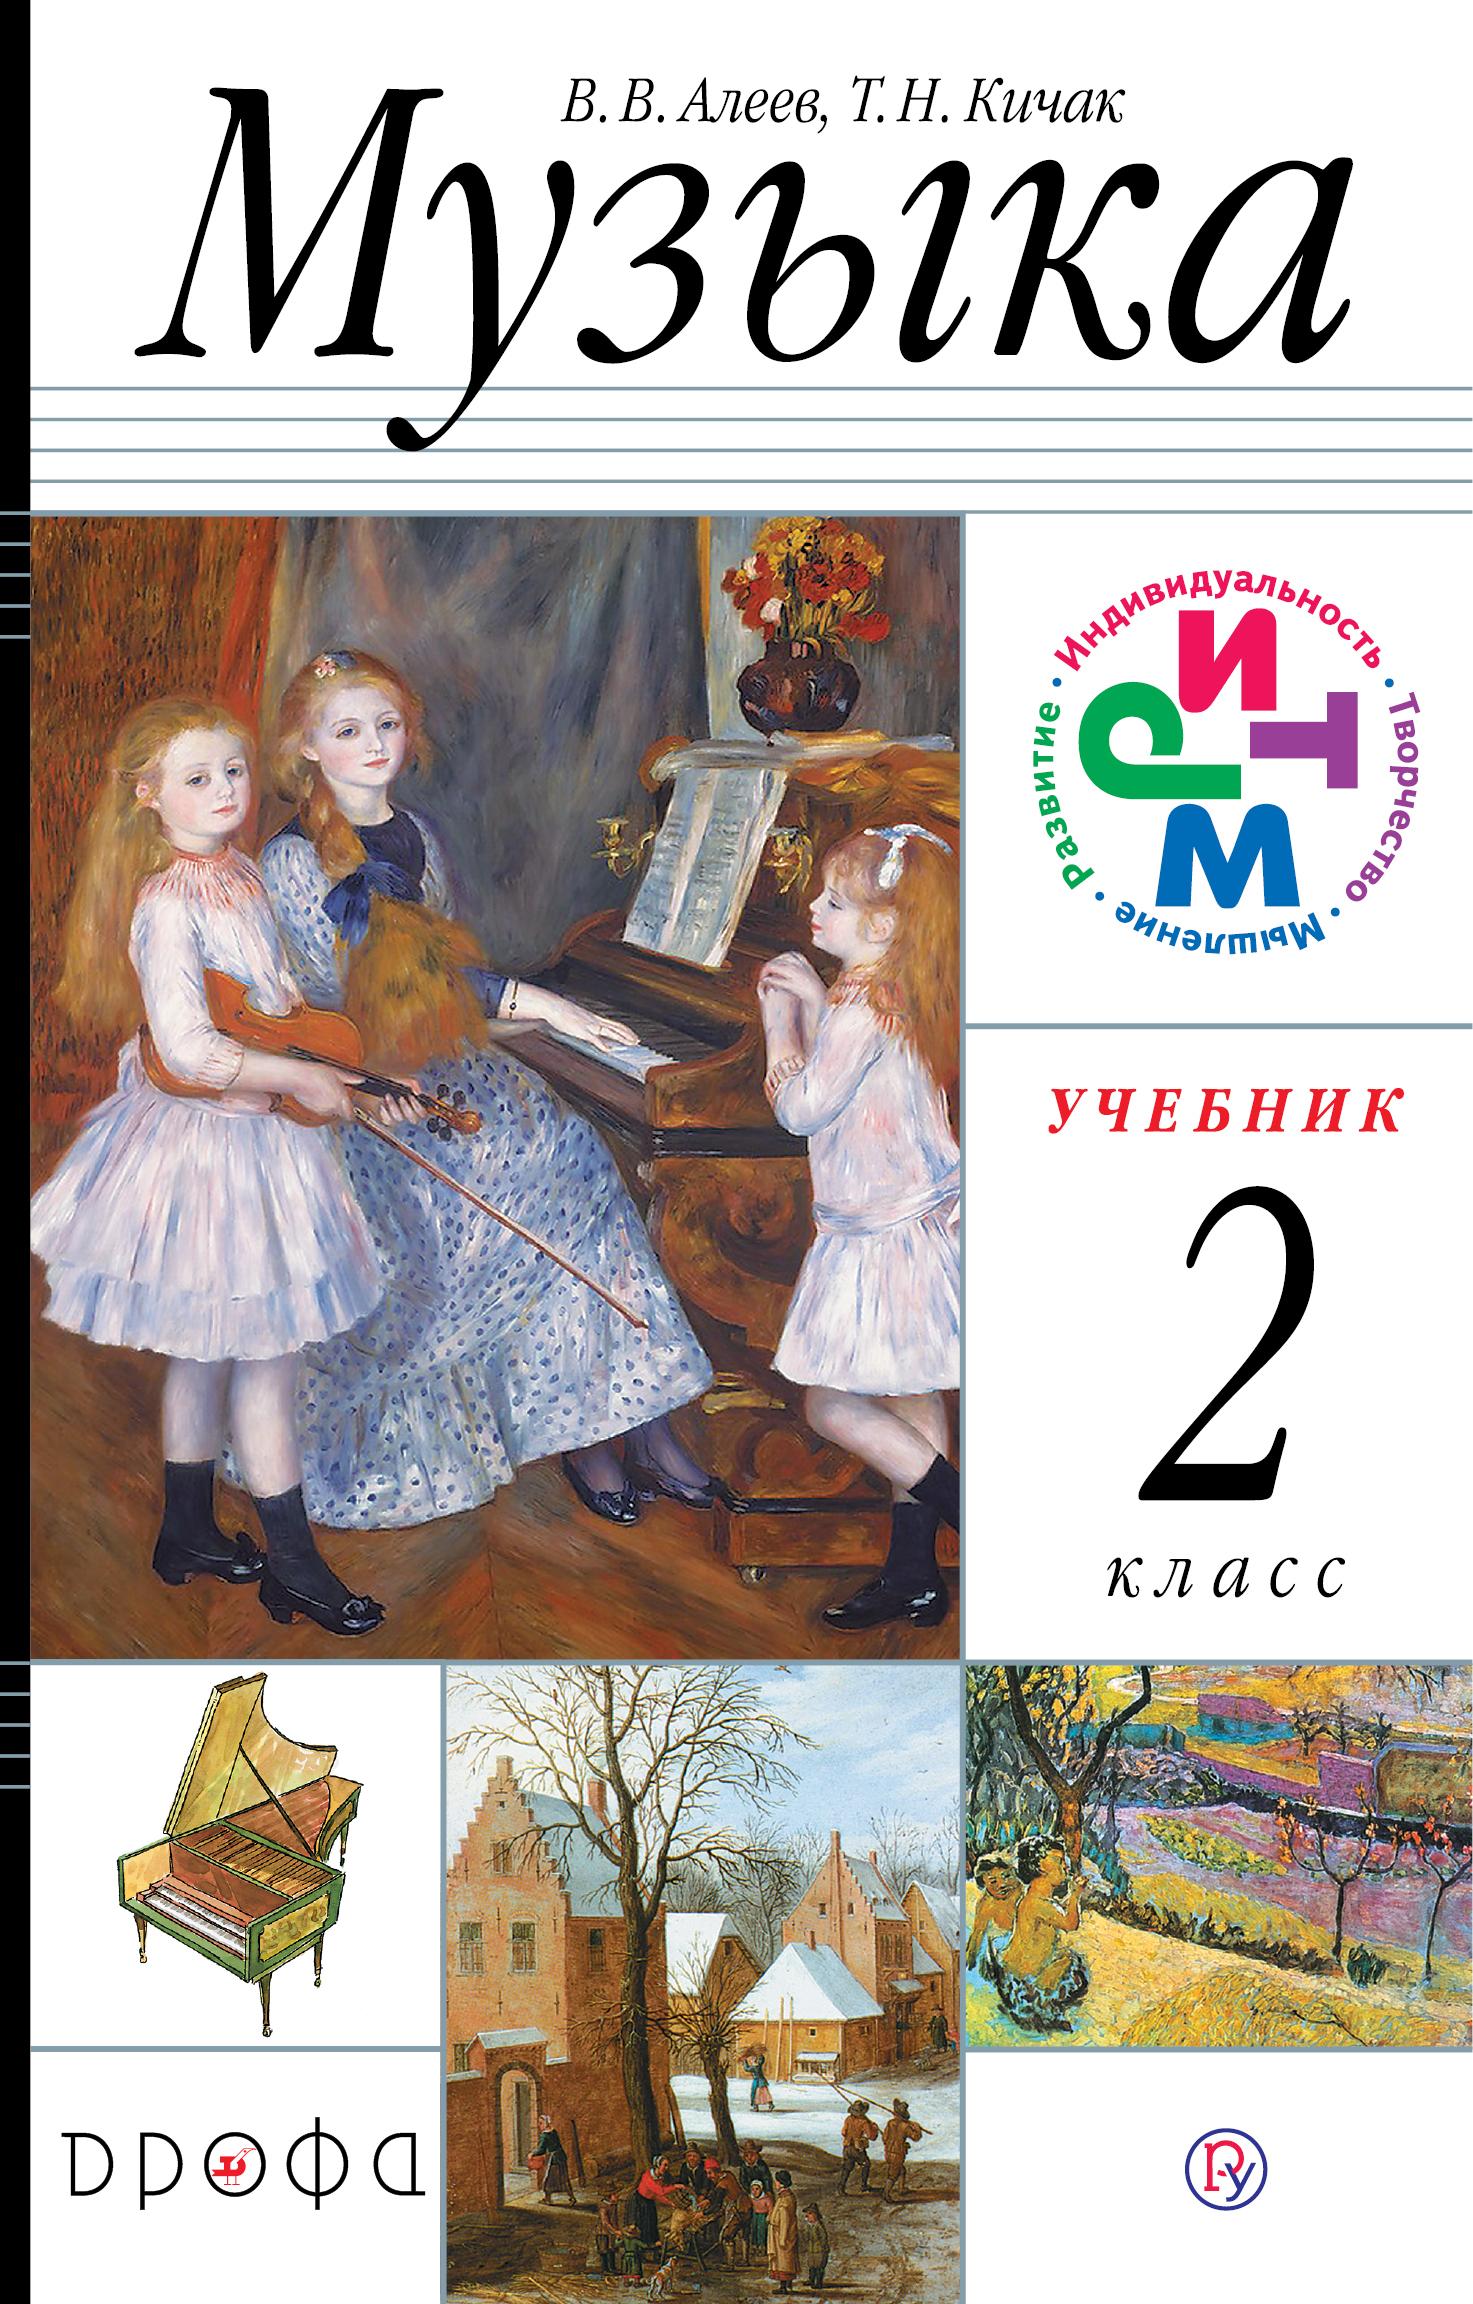 Кичак Татьяна Николаевна, Алеев Виталий Владимирович Музыка. 2 класс. Учебник + CD. РИТМ